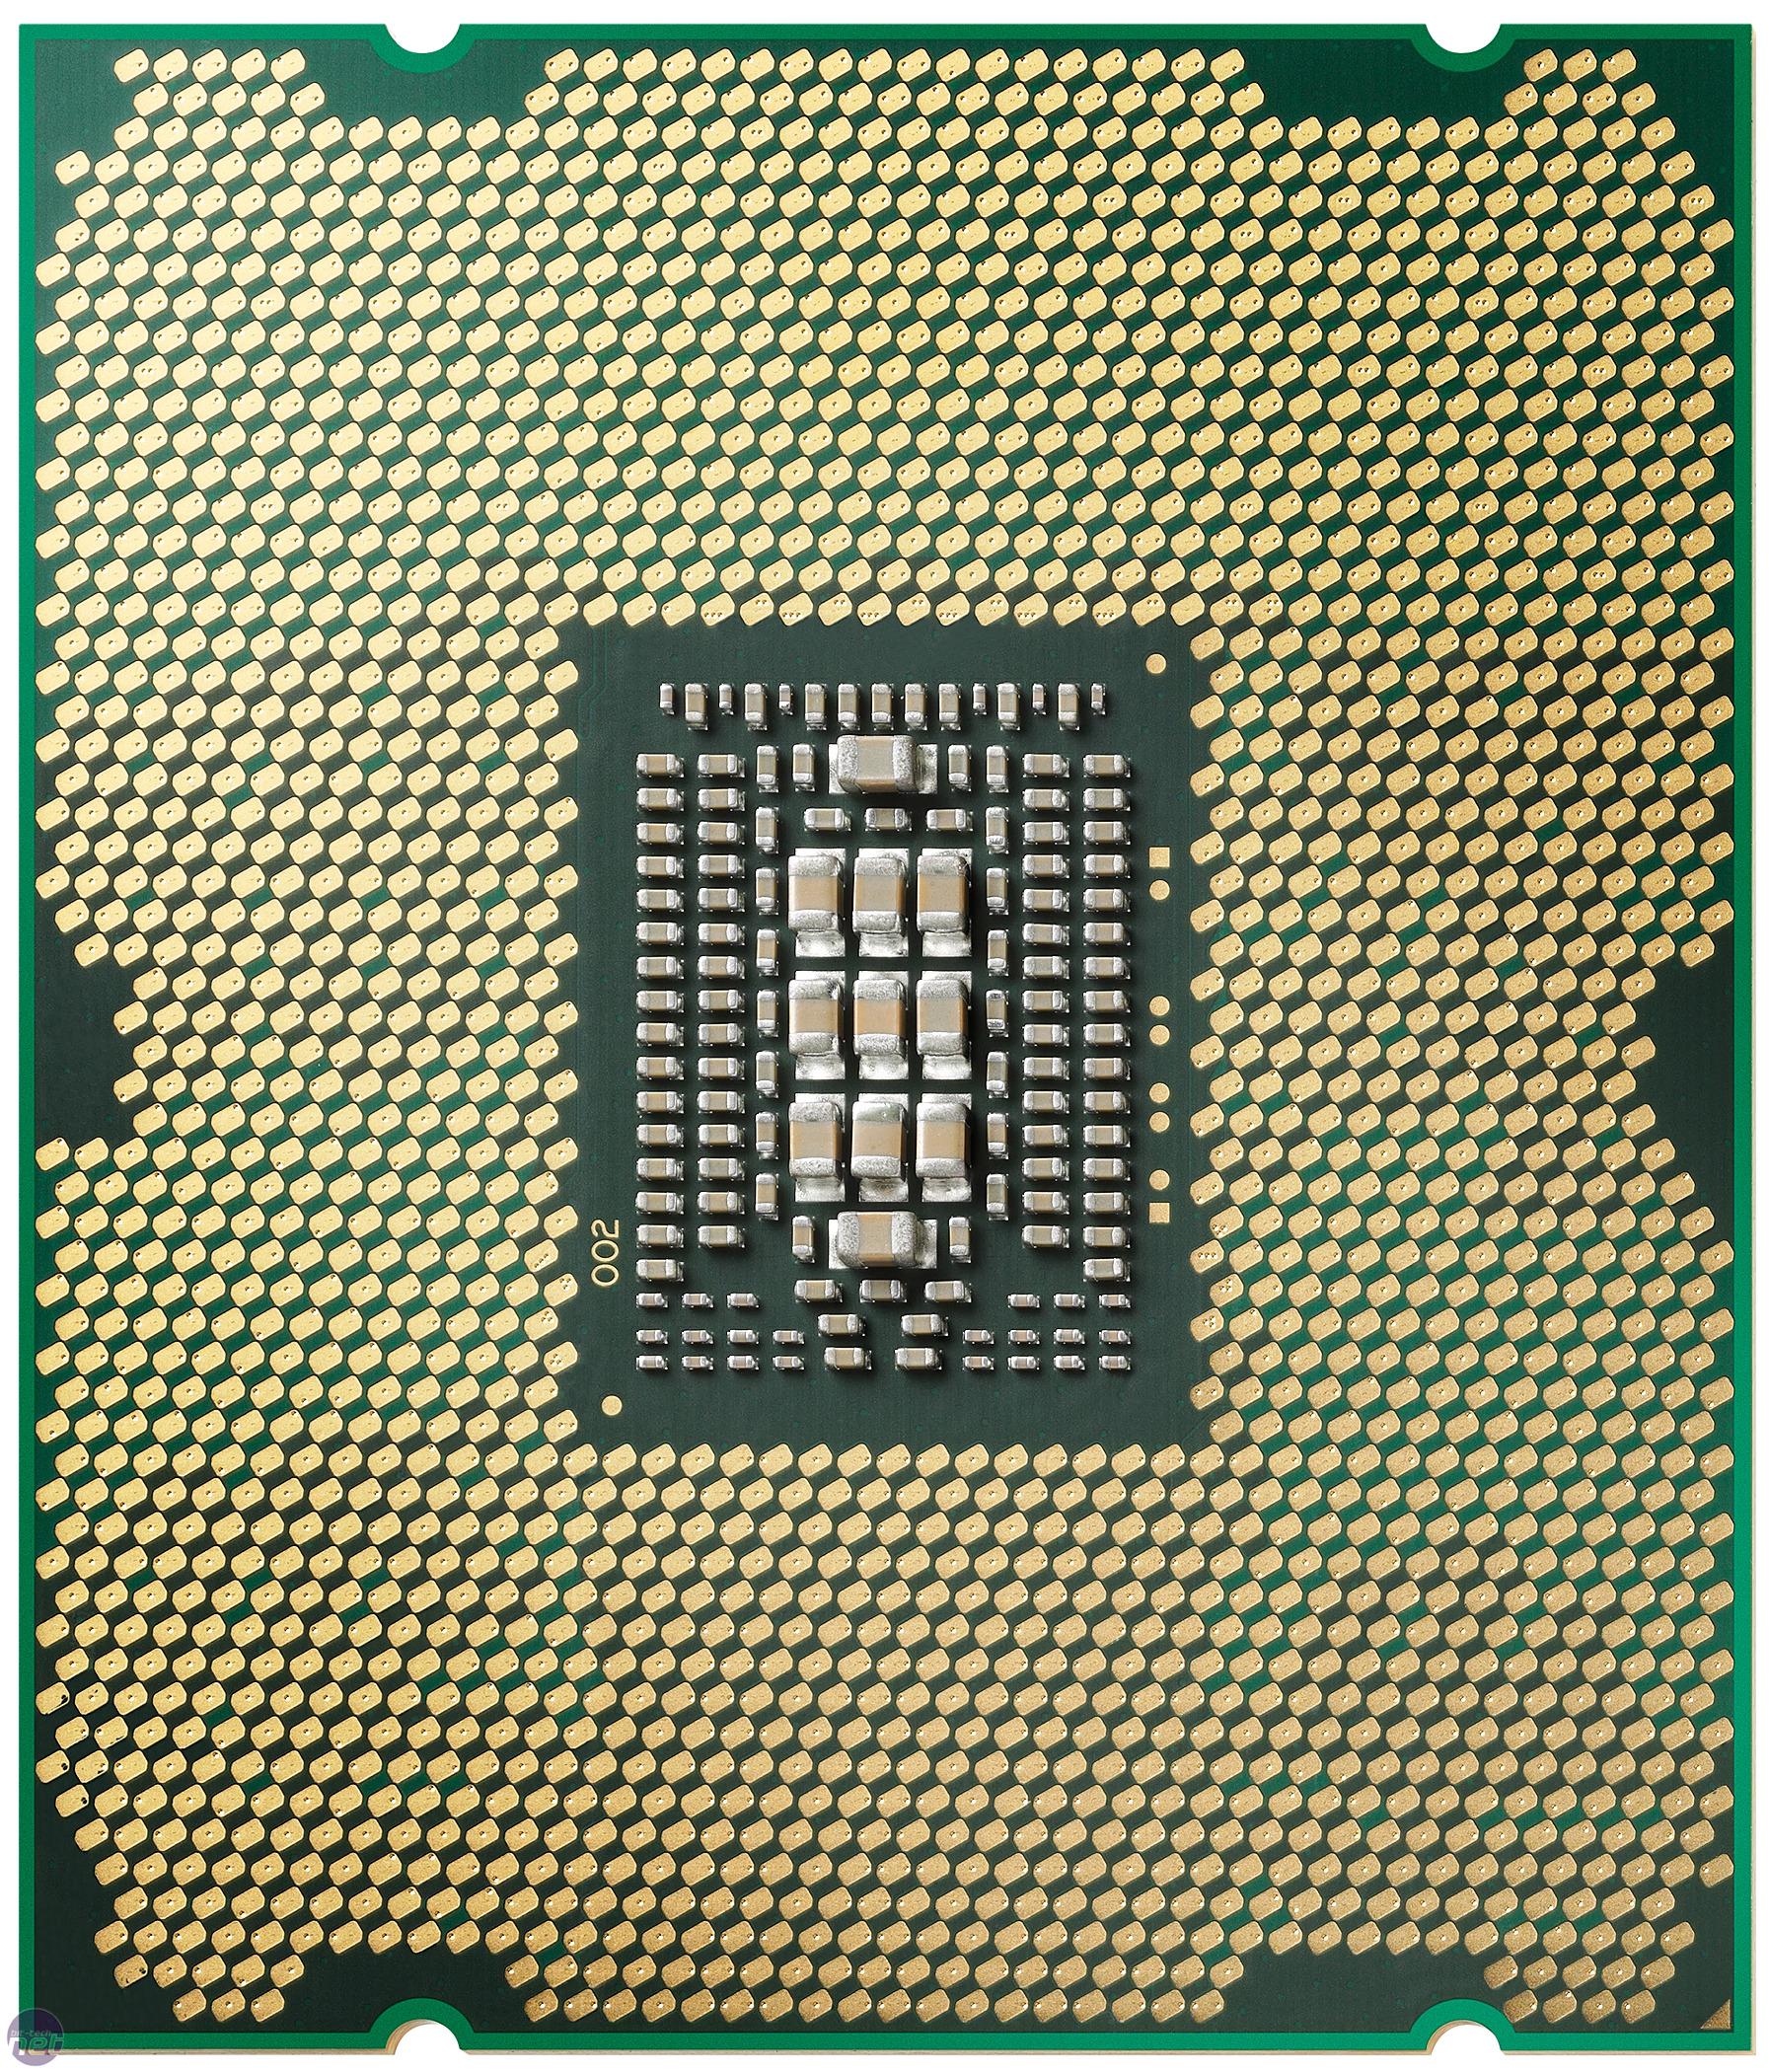 Intel Sandy Bridge E Review | bit-tech net